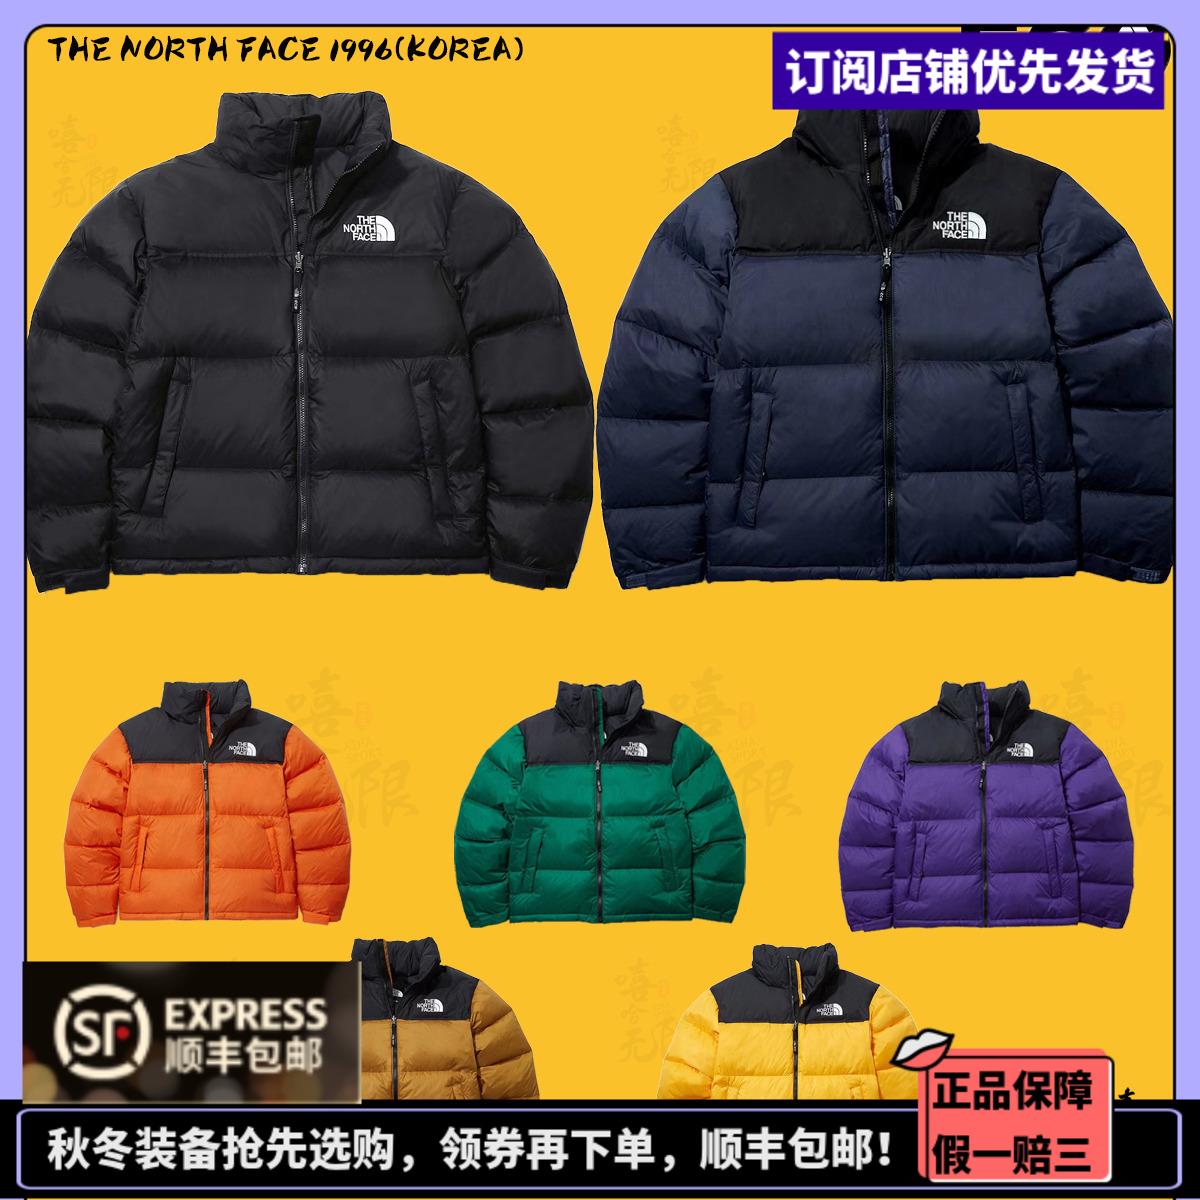 黑色羽绒服 The North Face 1996 NUPTSE黑色男女北面羽绒服鹅绒外套NJ1DM62_推荐淘宝好看的黑色羽绒服